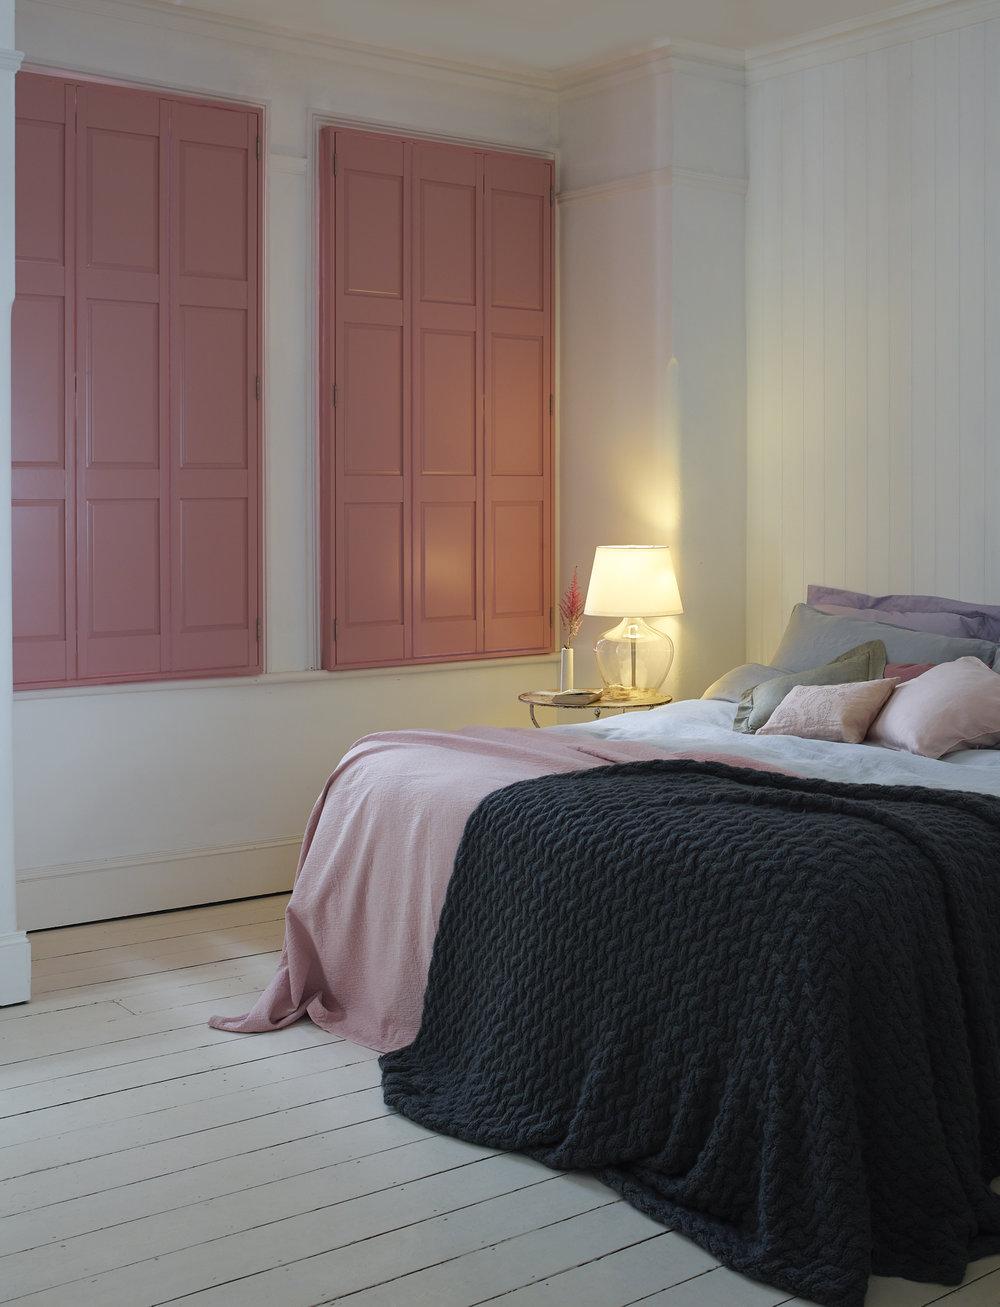 Pink Solid Blackout Shutter Bedroom Portrait - Shutterly Fabulous.jpg